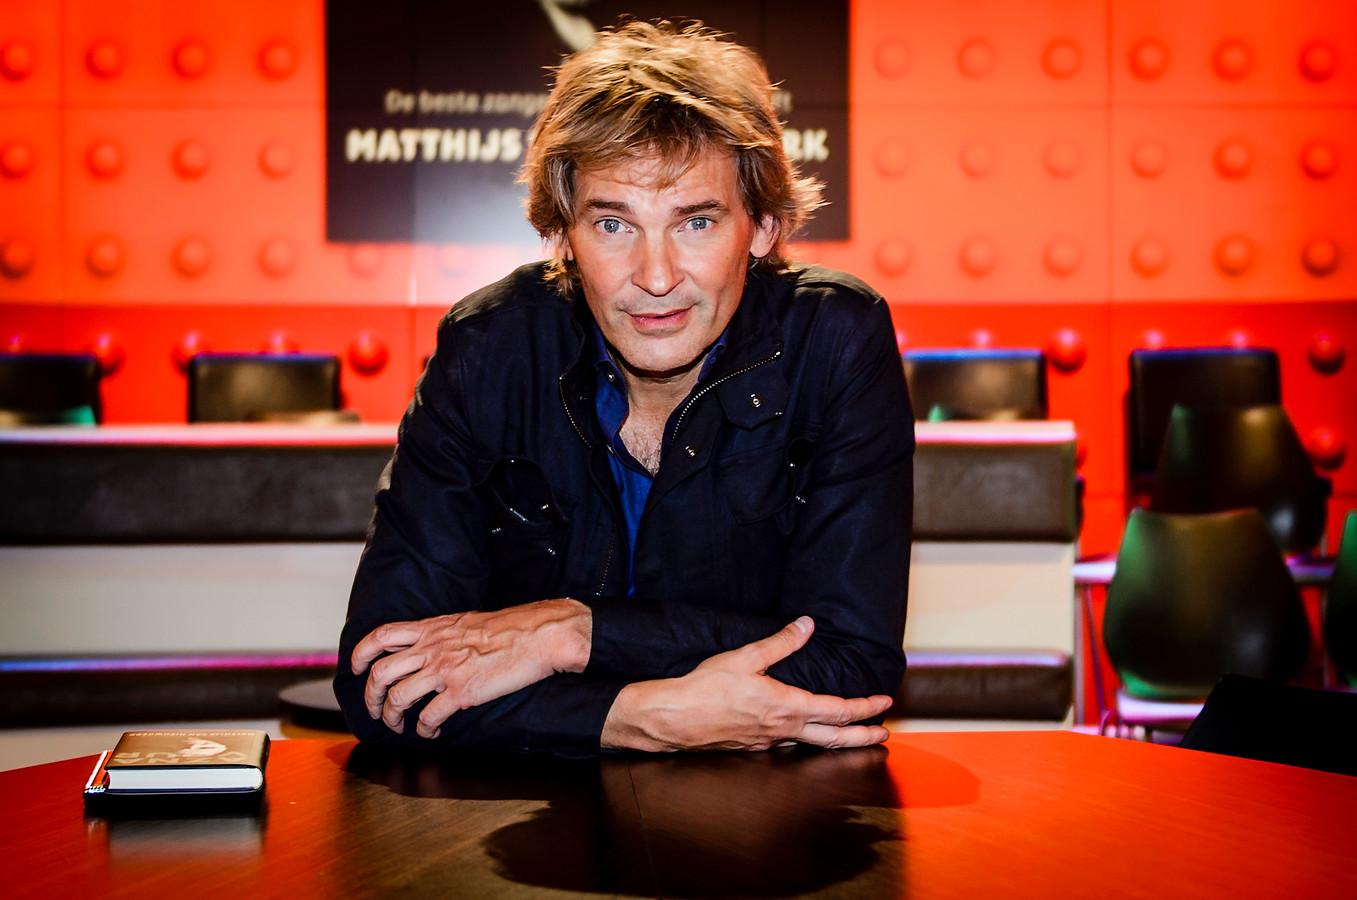 Pvda dreigt tegen mediawet te stemmen in eerste kamer foto - Meubilair tv thuis van de wereld ...